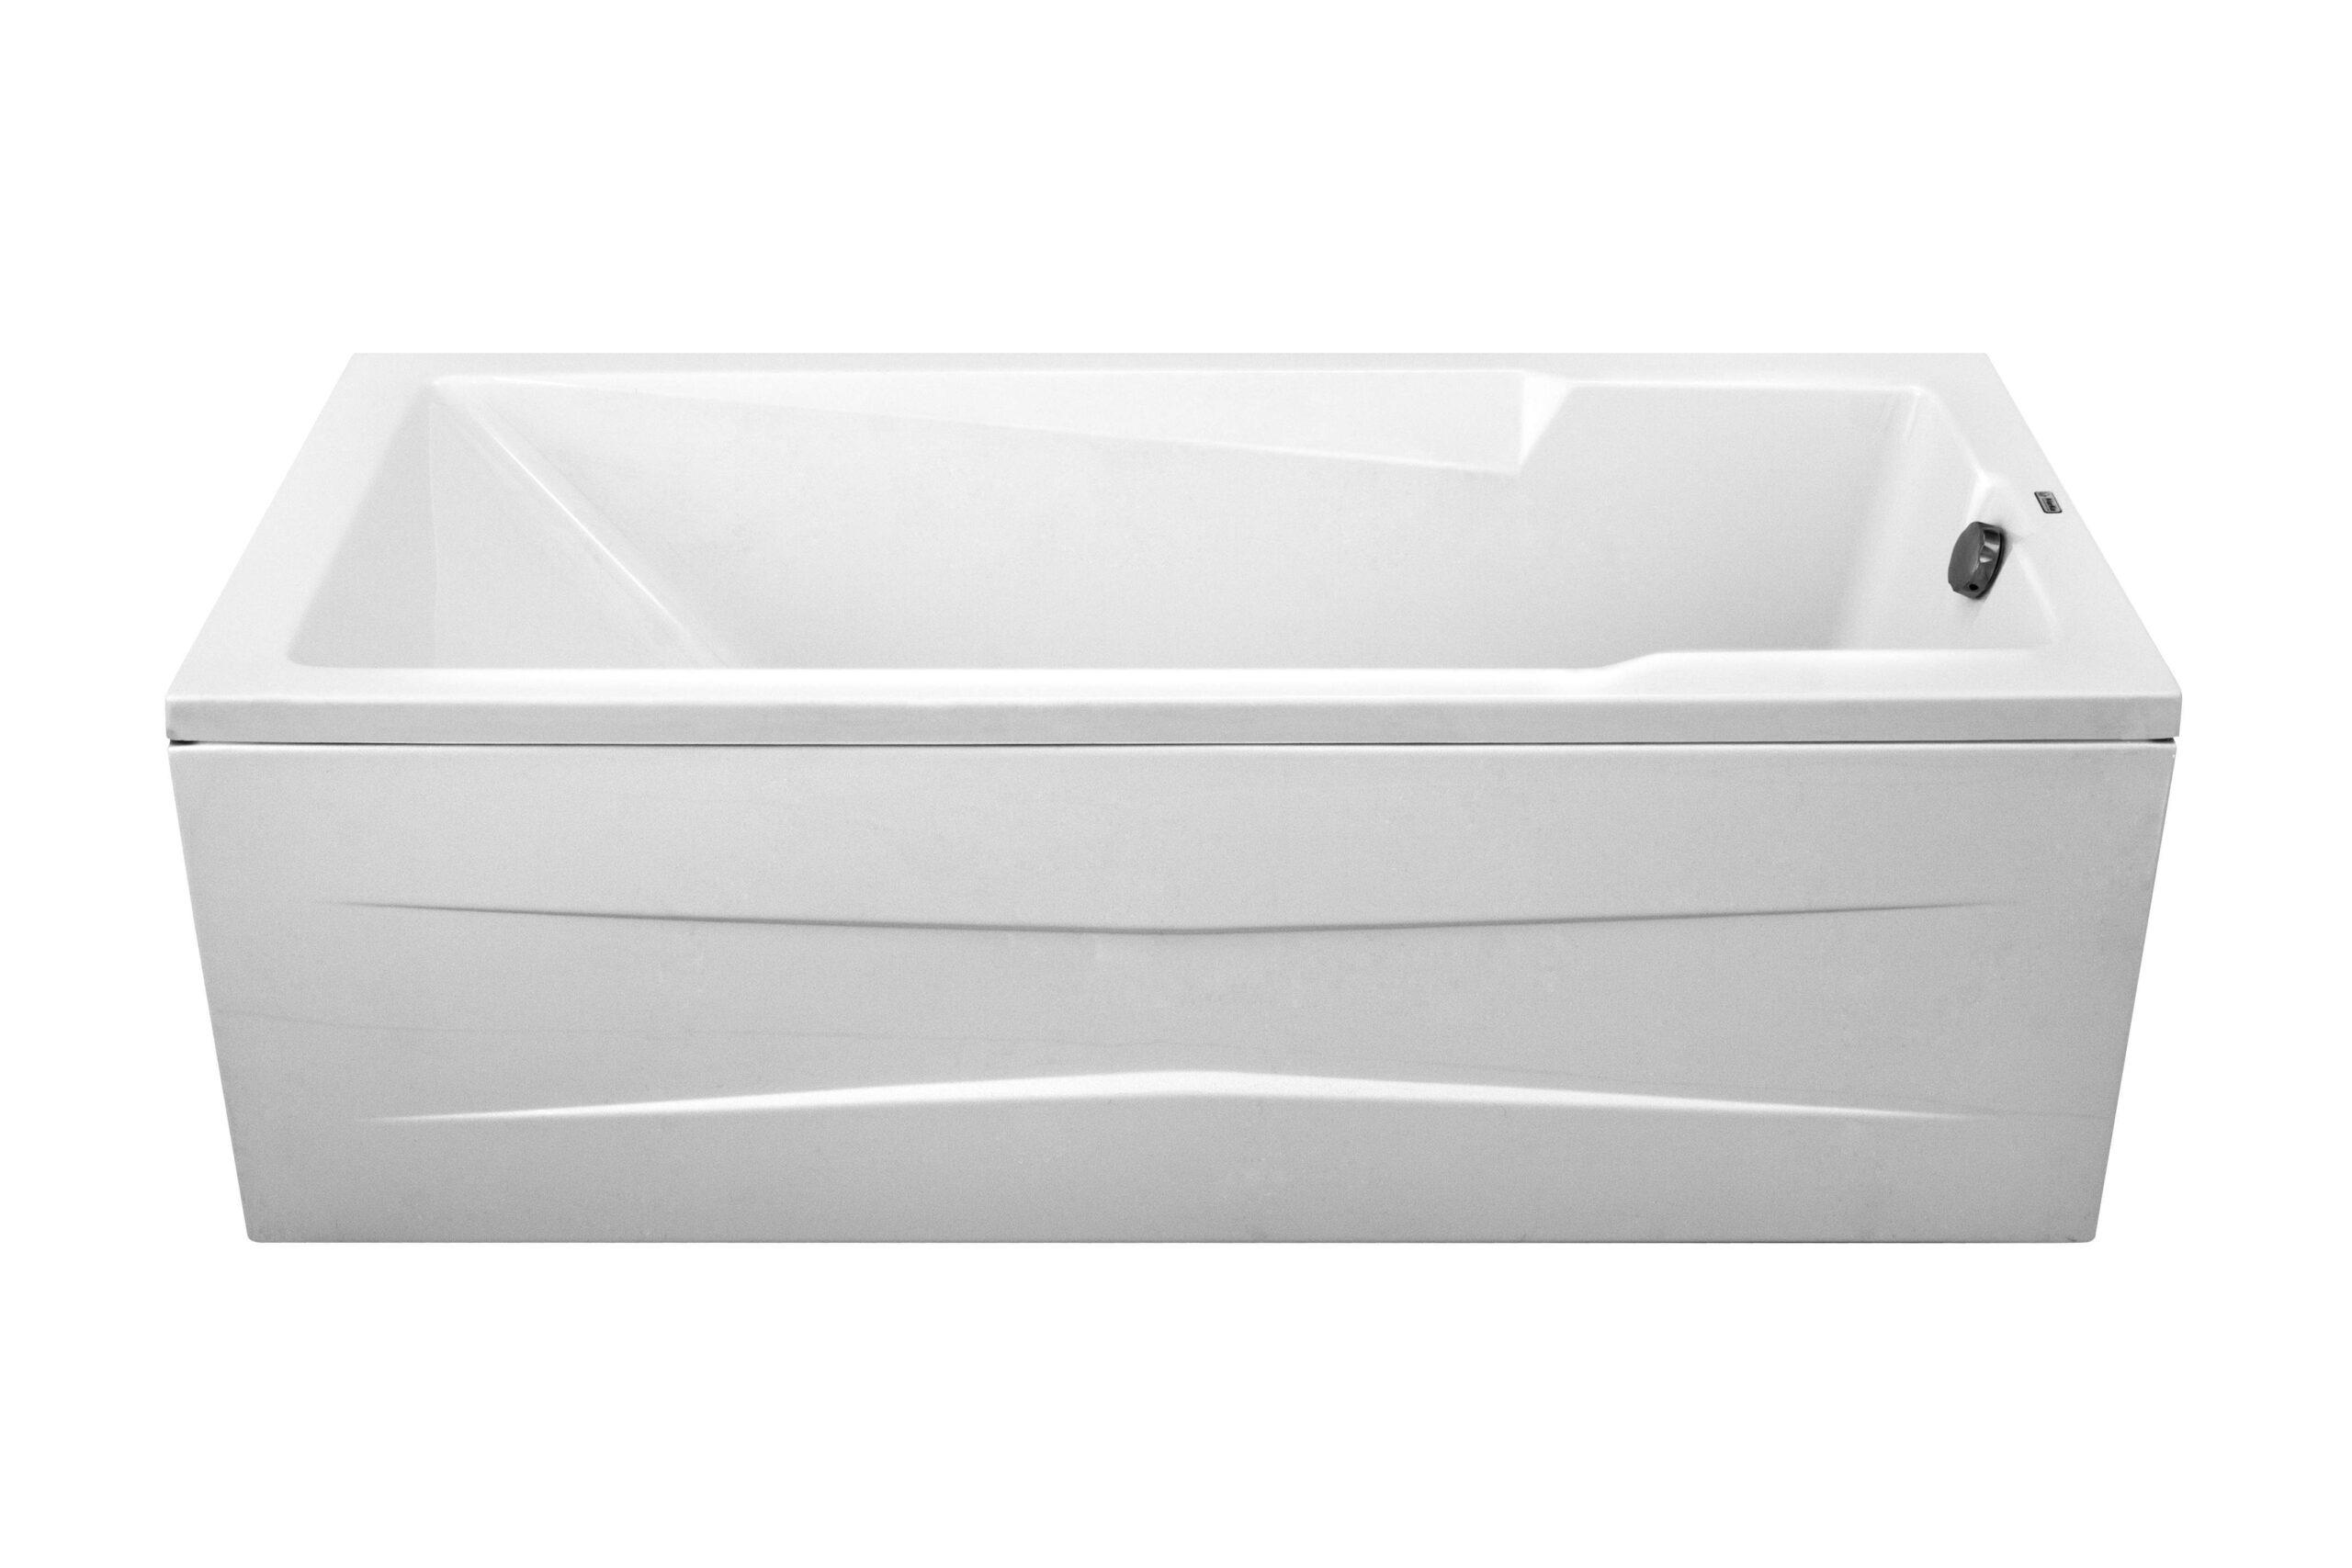 Акриловая ванна MarkaOne Raguza 190*90